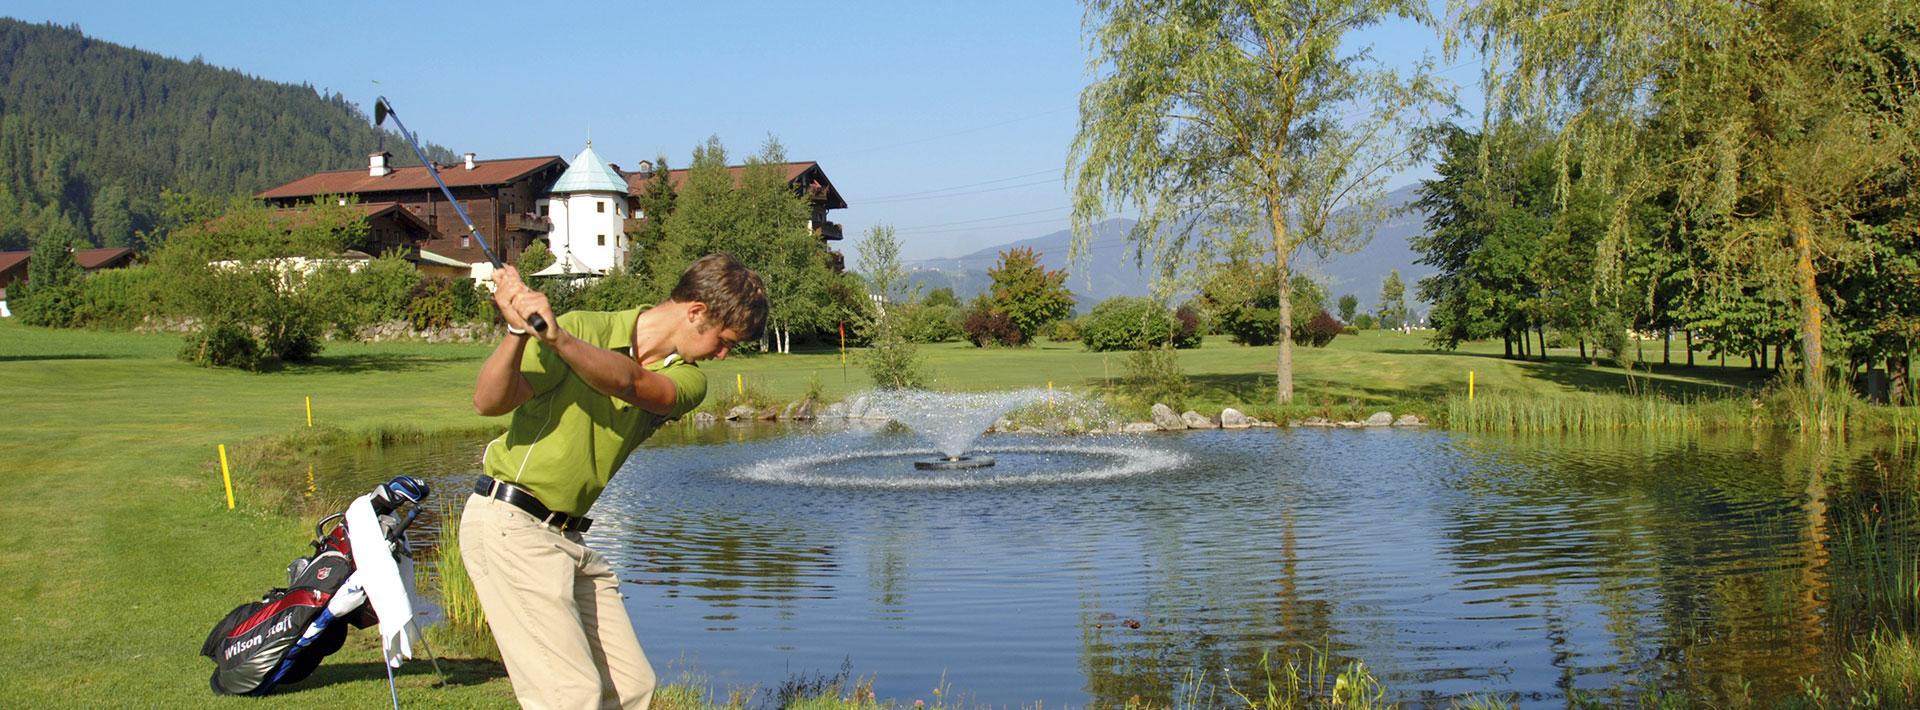 Golfpauschalen im Ferienhaus Kössler in Radstadt, Salzburger Sportwelt